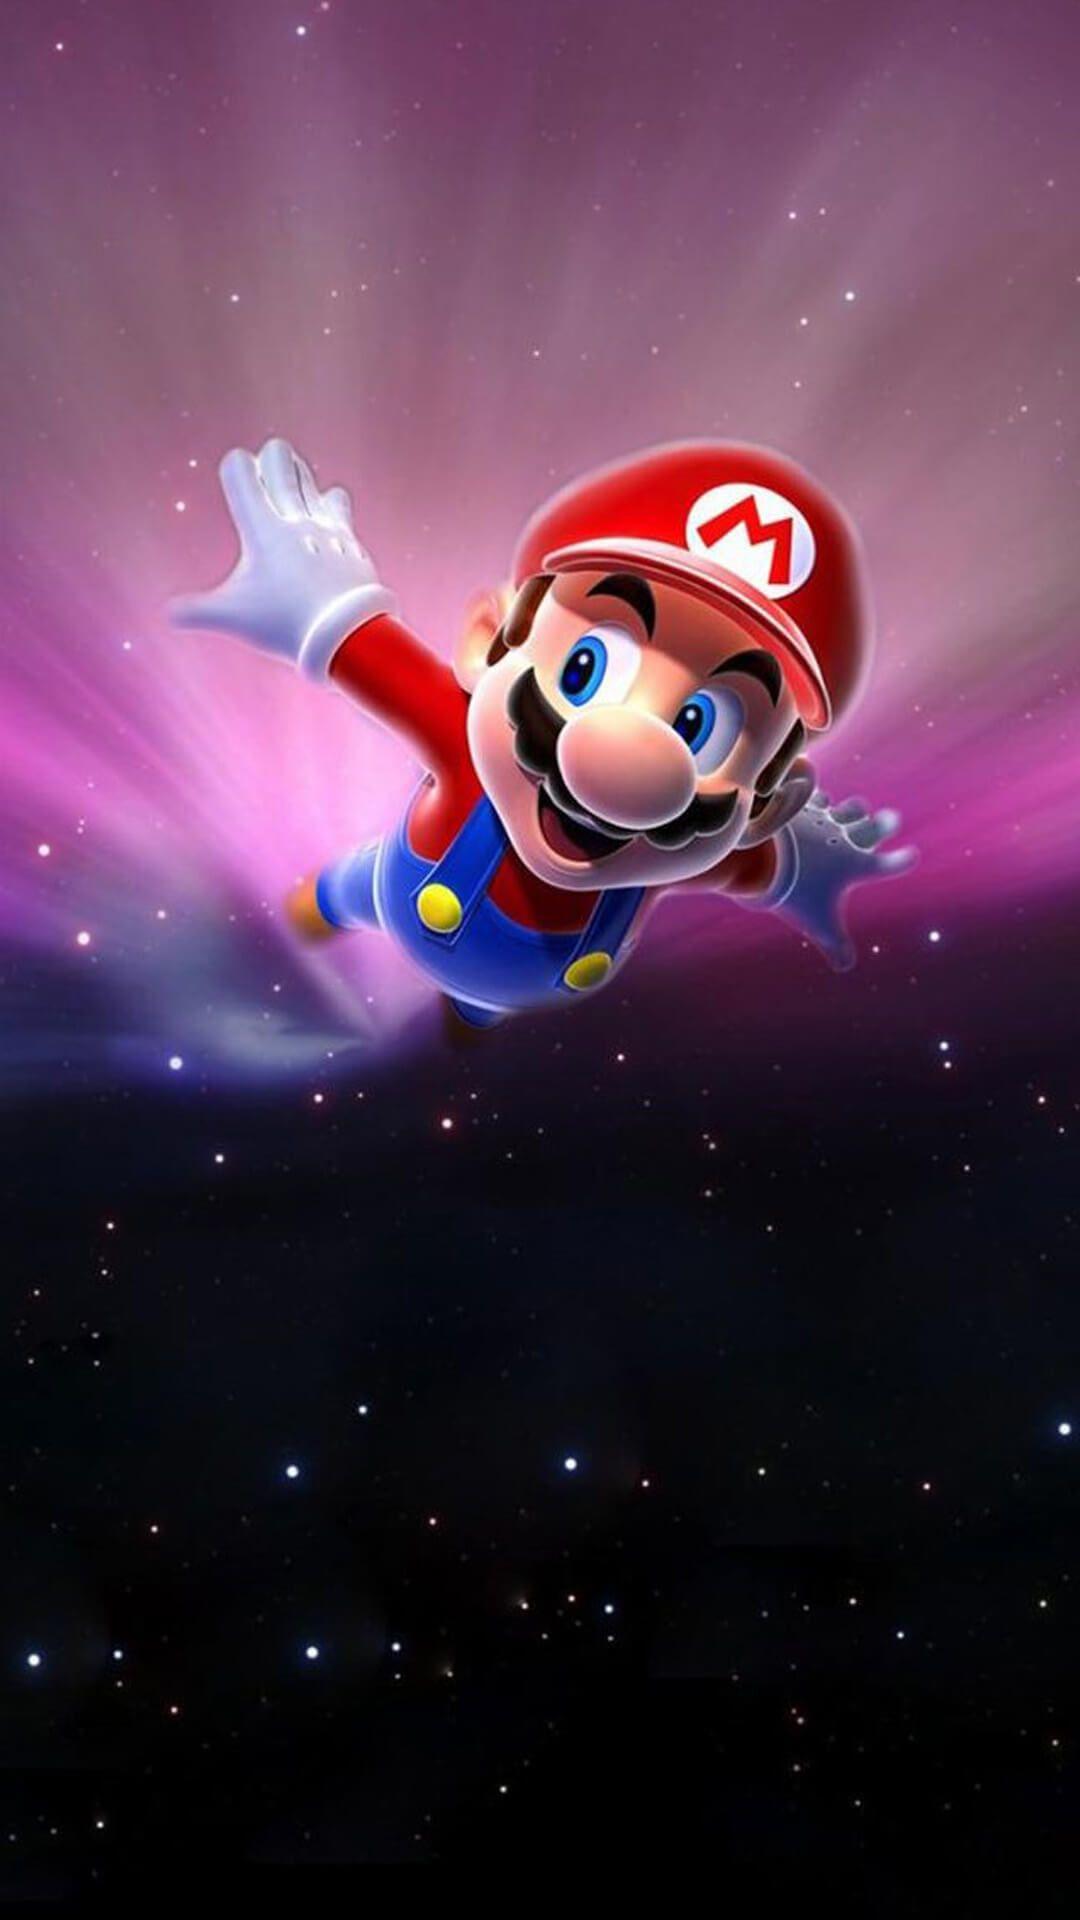 Préférence 18 fonds d'écran jeux vidéo pour iPhone 7 plus et inférieur LA22